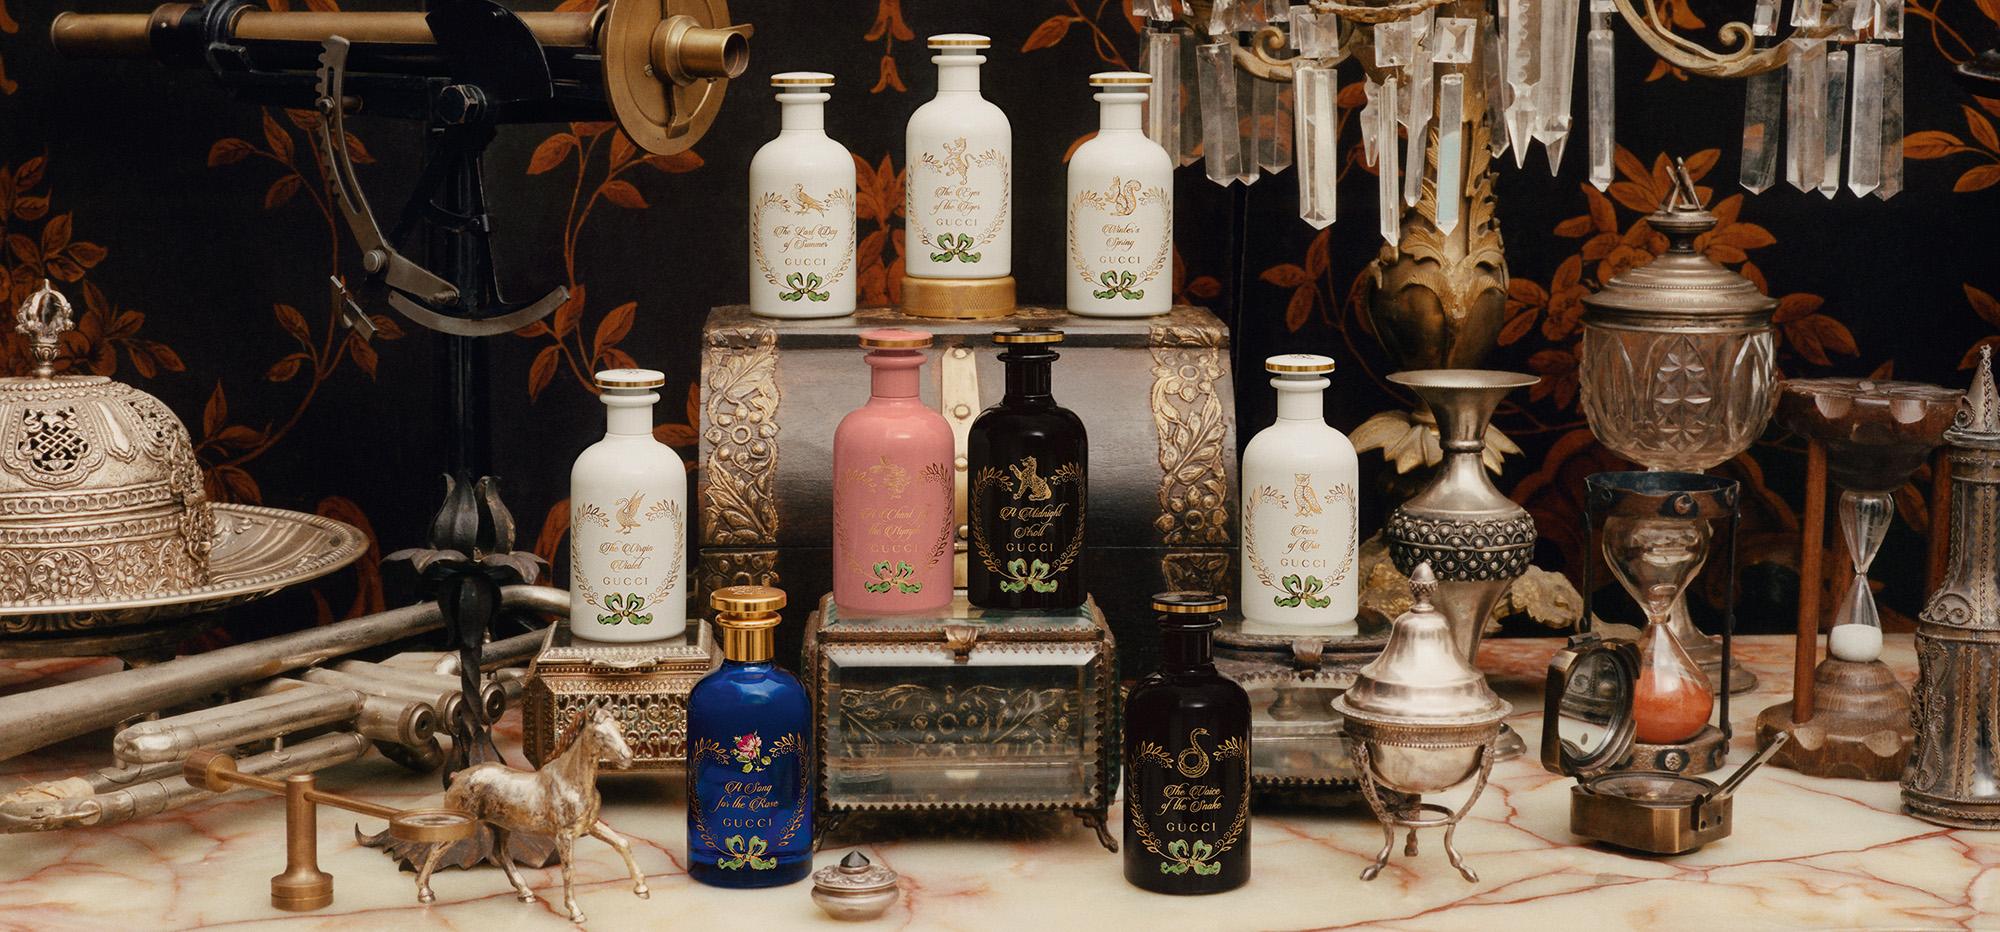 Gucci – The Alchemists Garden